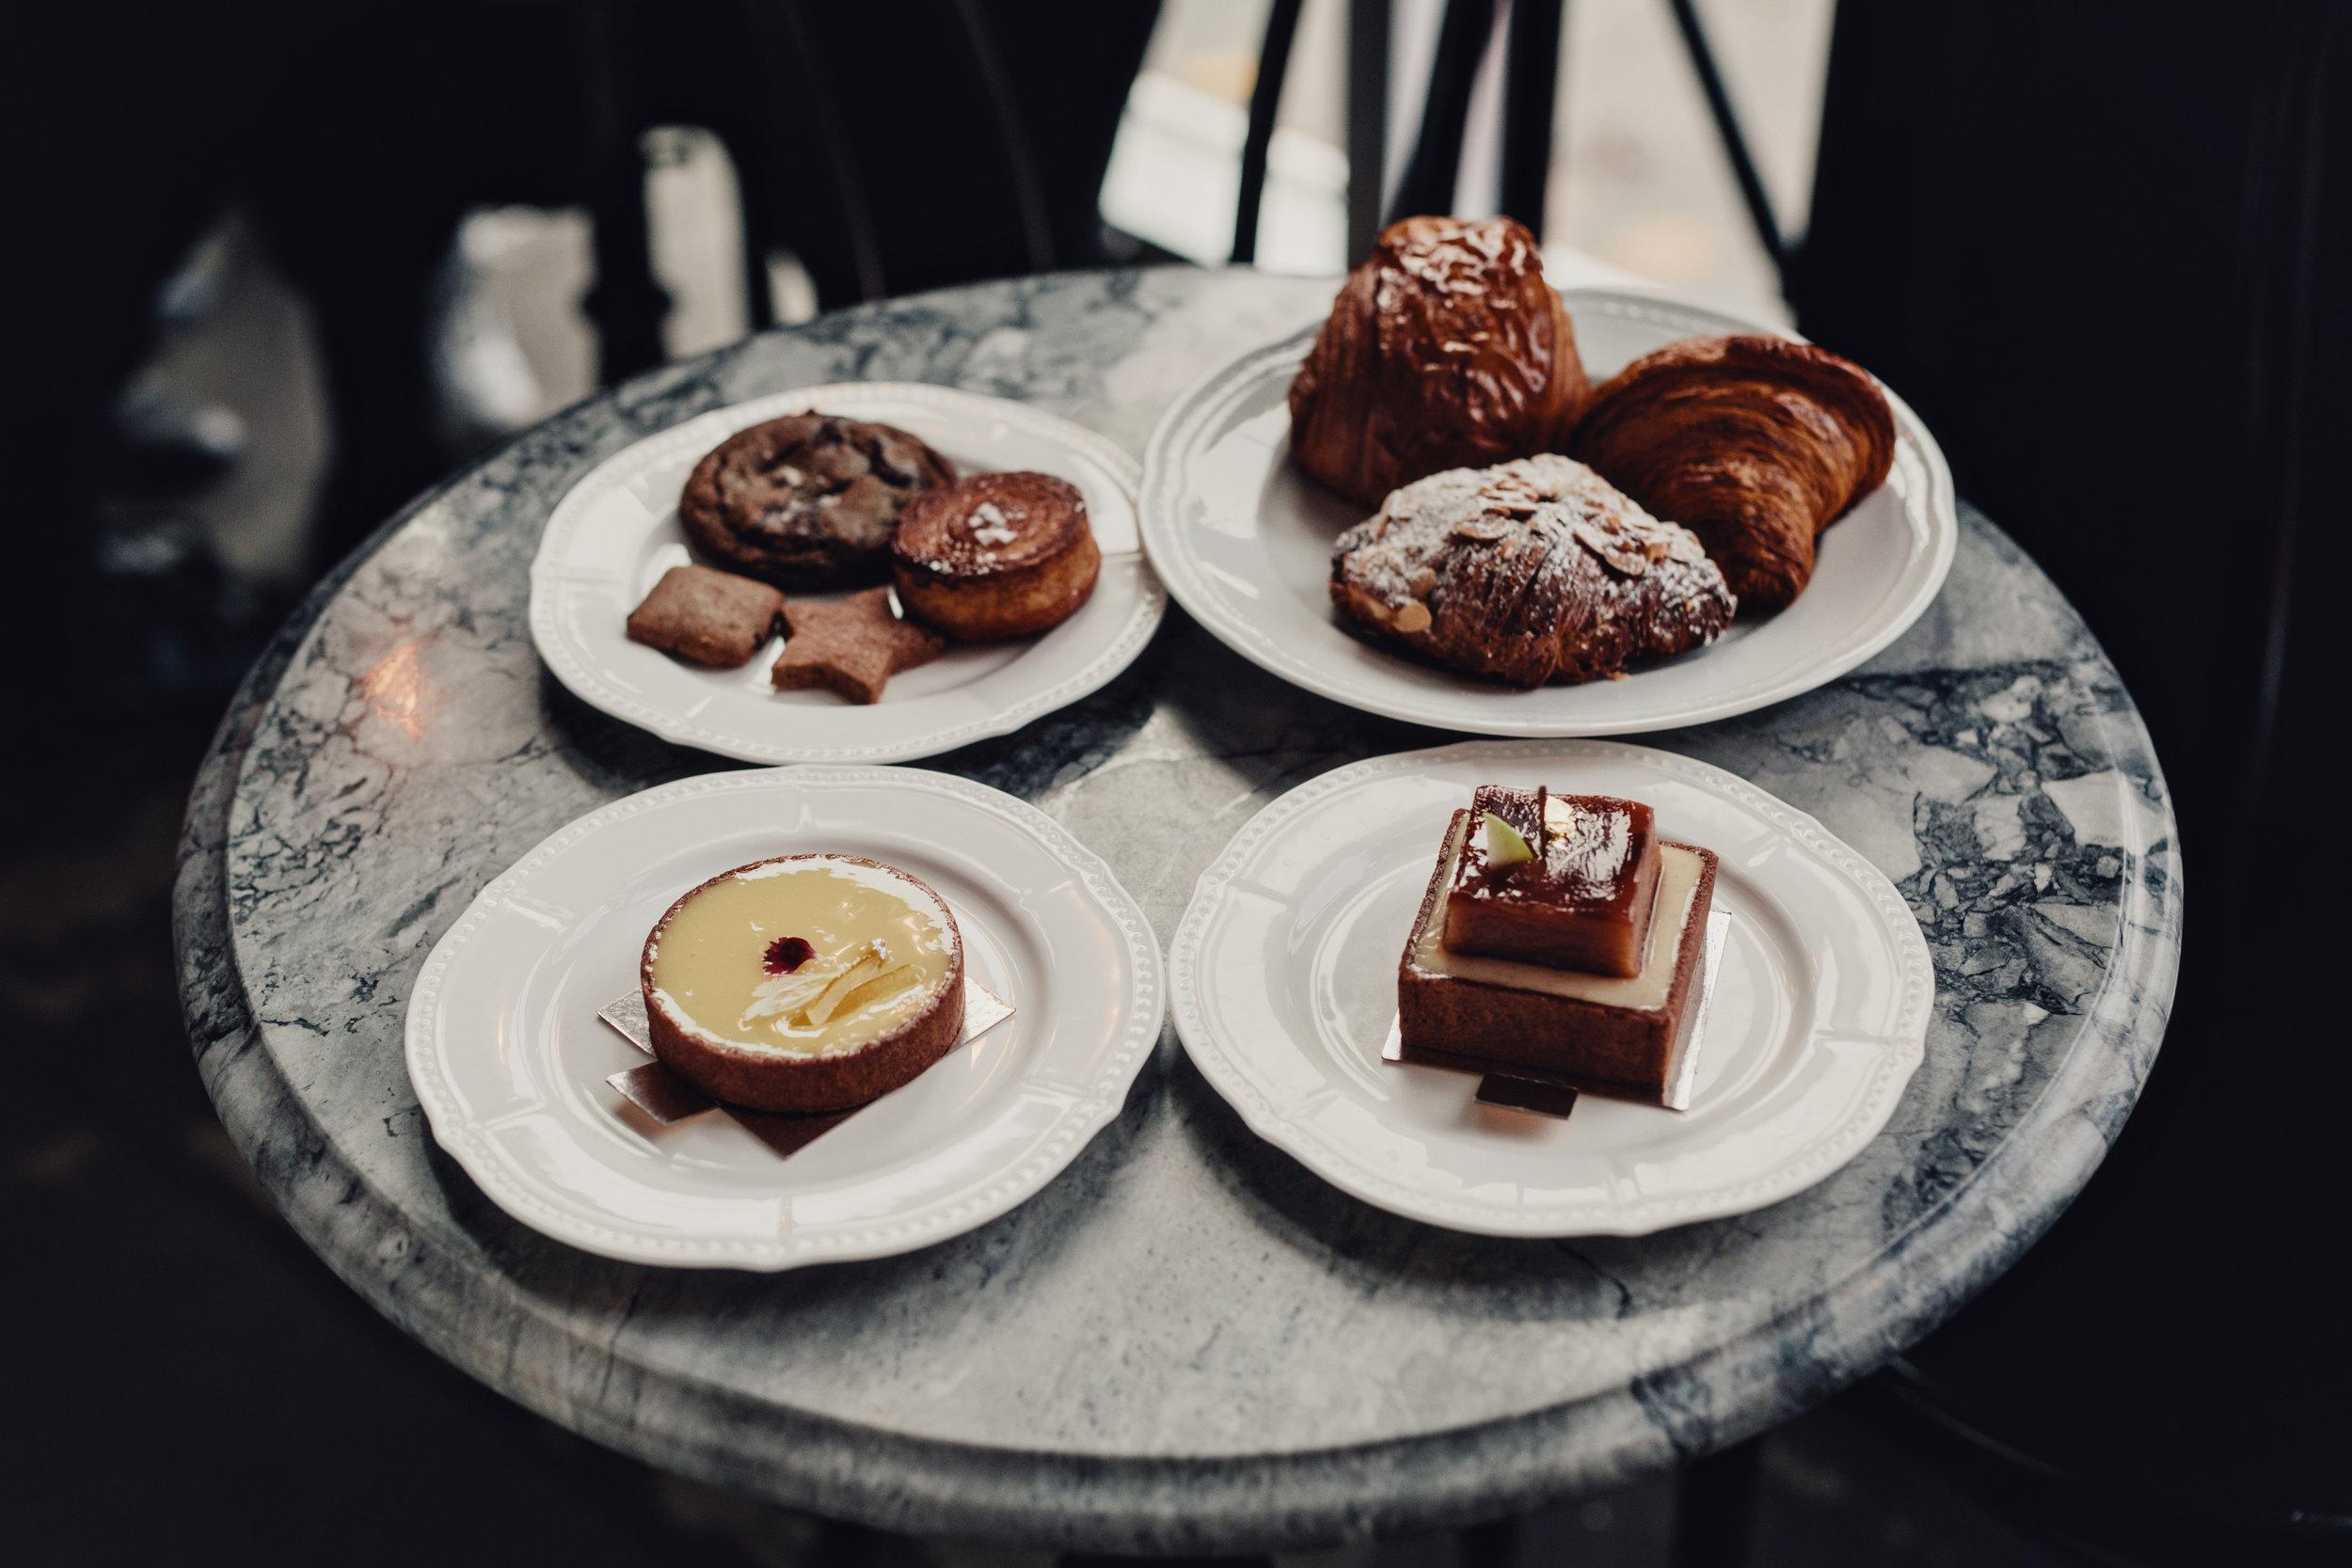 Beaucoup-Bakery-DRT-3.jpg